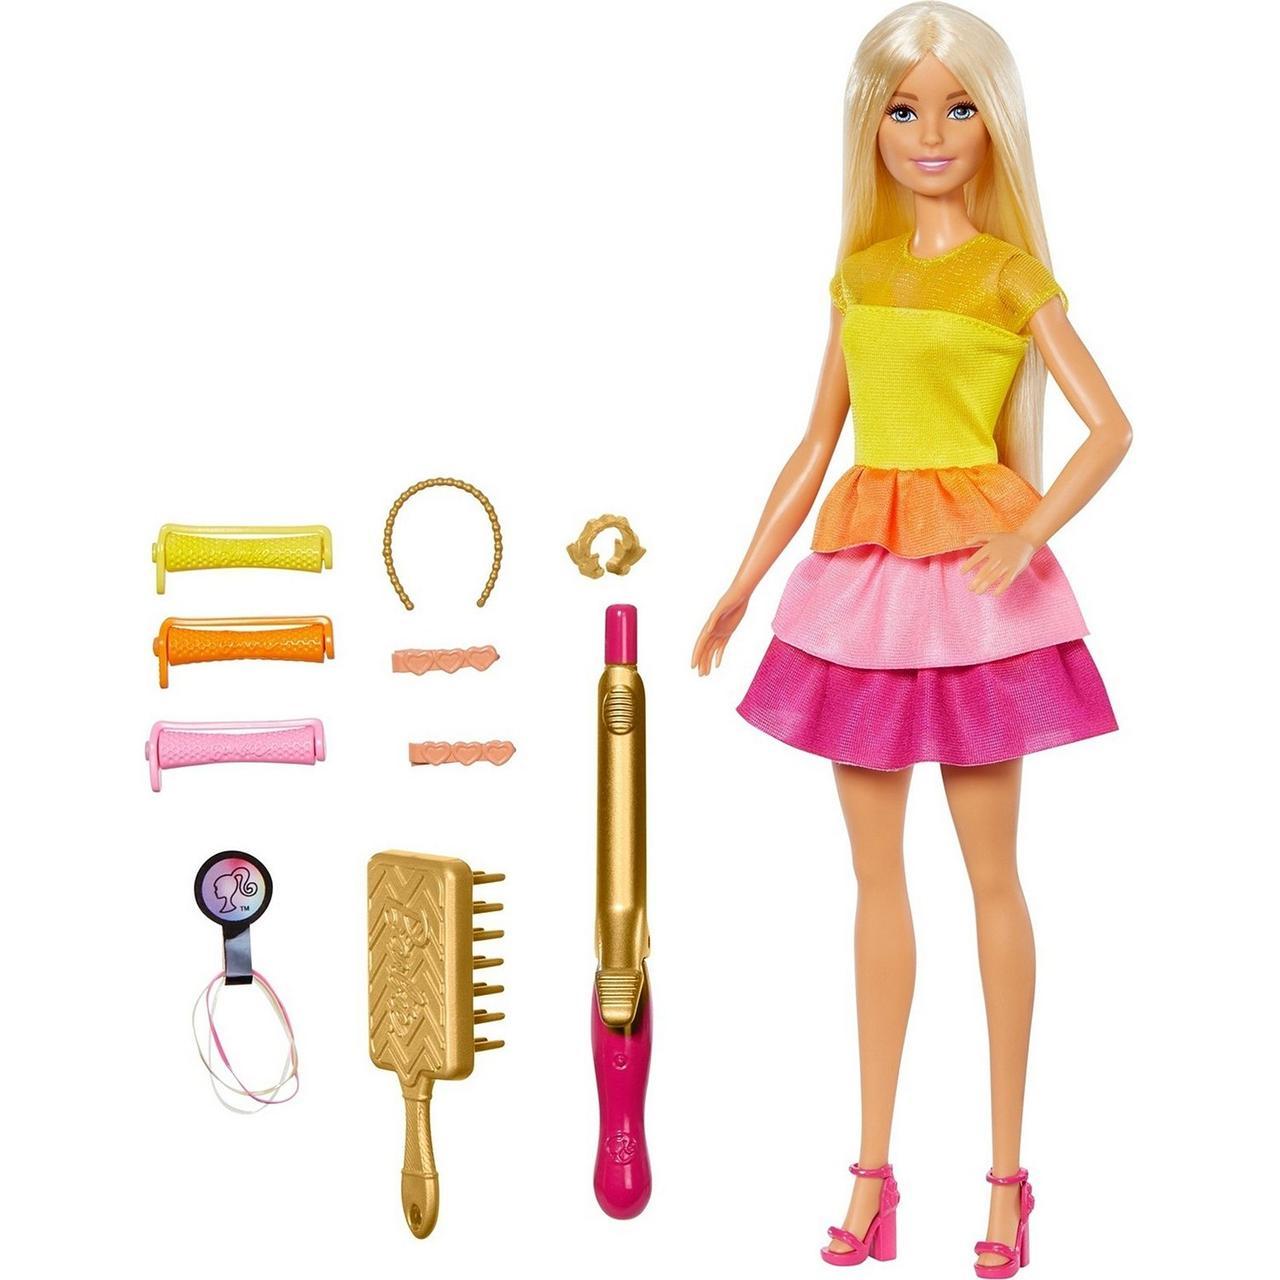 Barbie Кукла Барби Блондинка в модном наряде с аксессуарами для волос